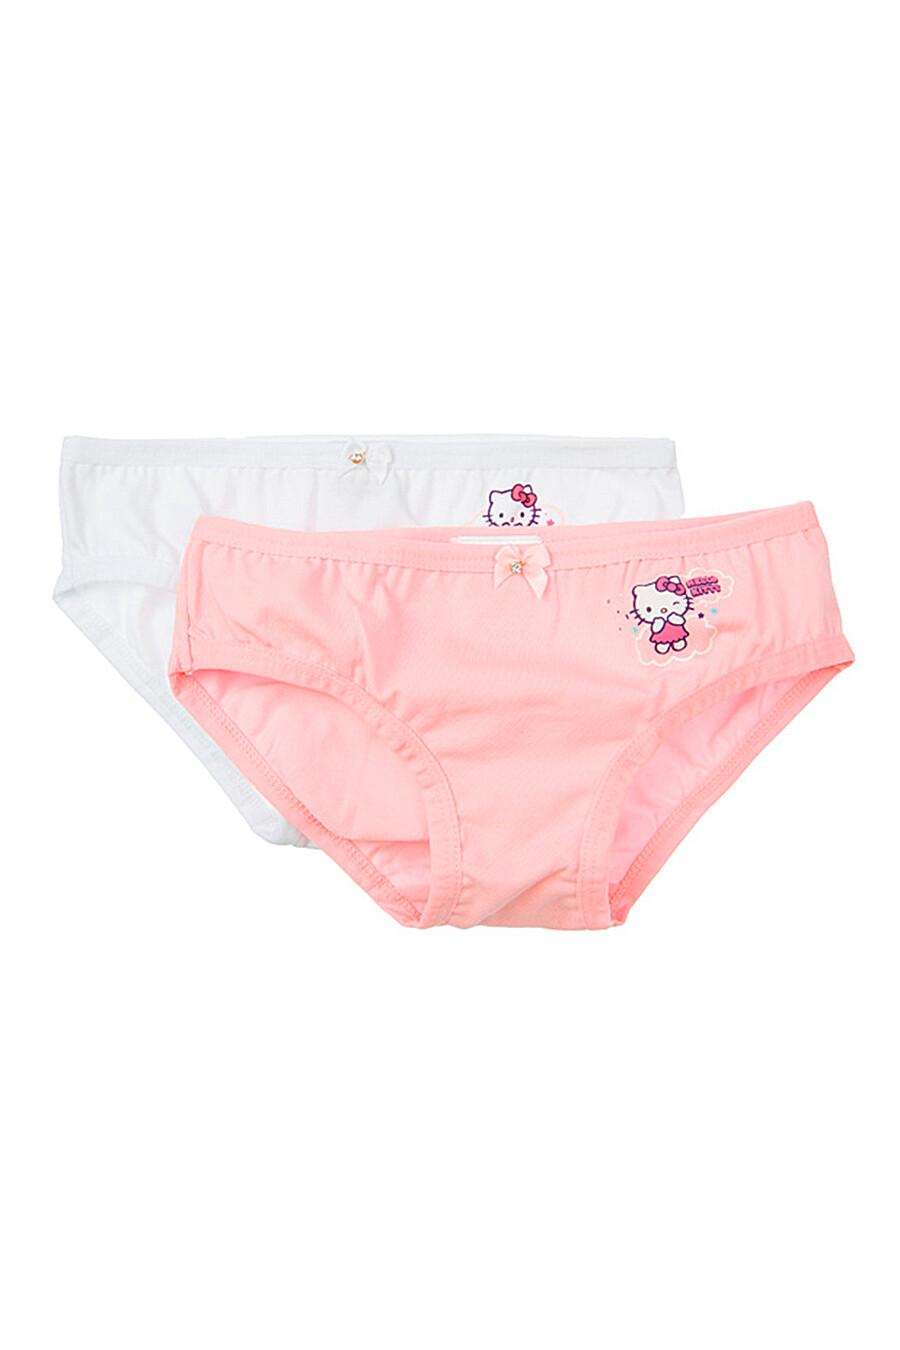 Набор трусов 2 шт. для девочек PLAYTODAY 239537 купить оптом от производителя. Совместная покупка детской одежды в OptMoyo